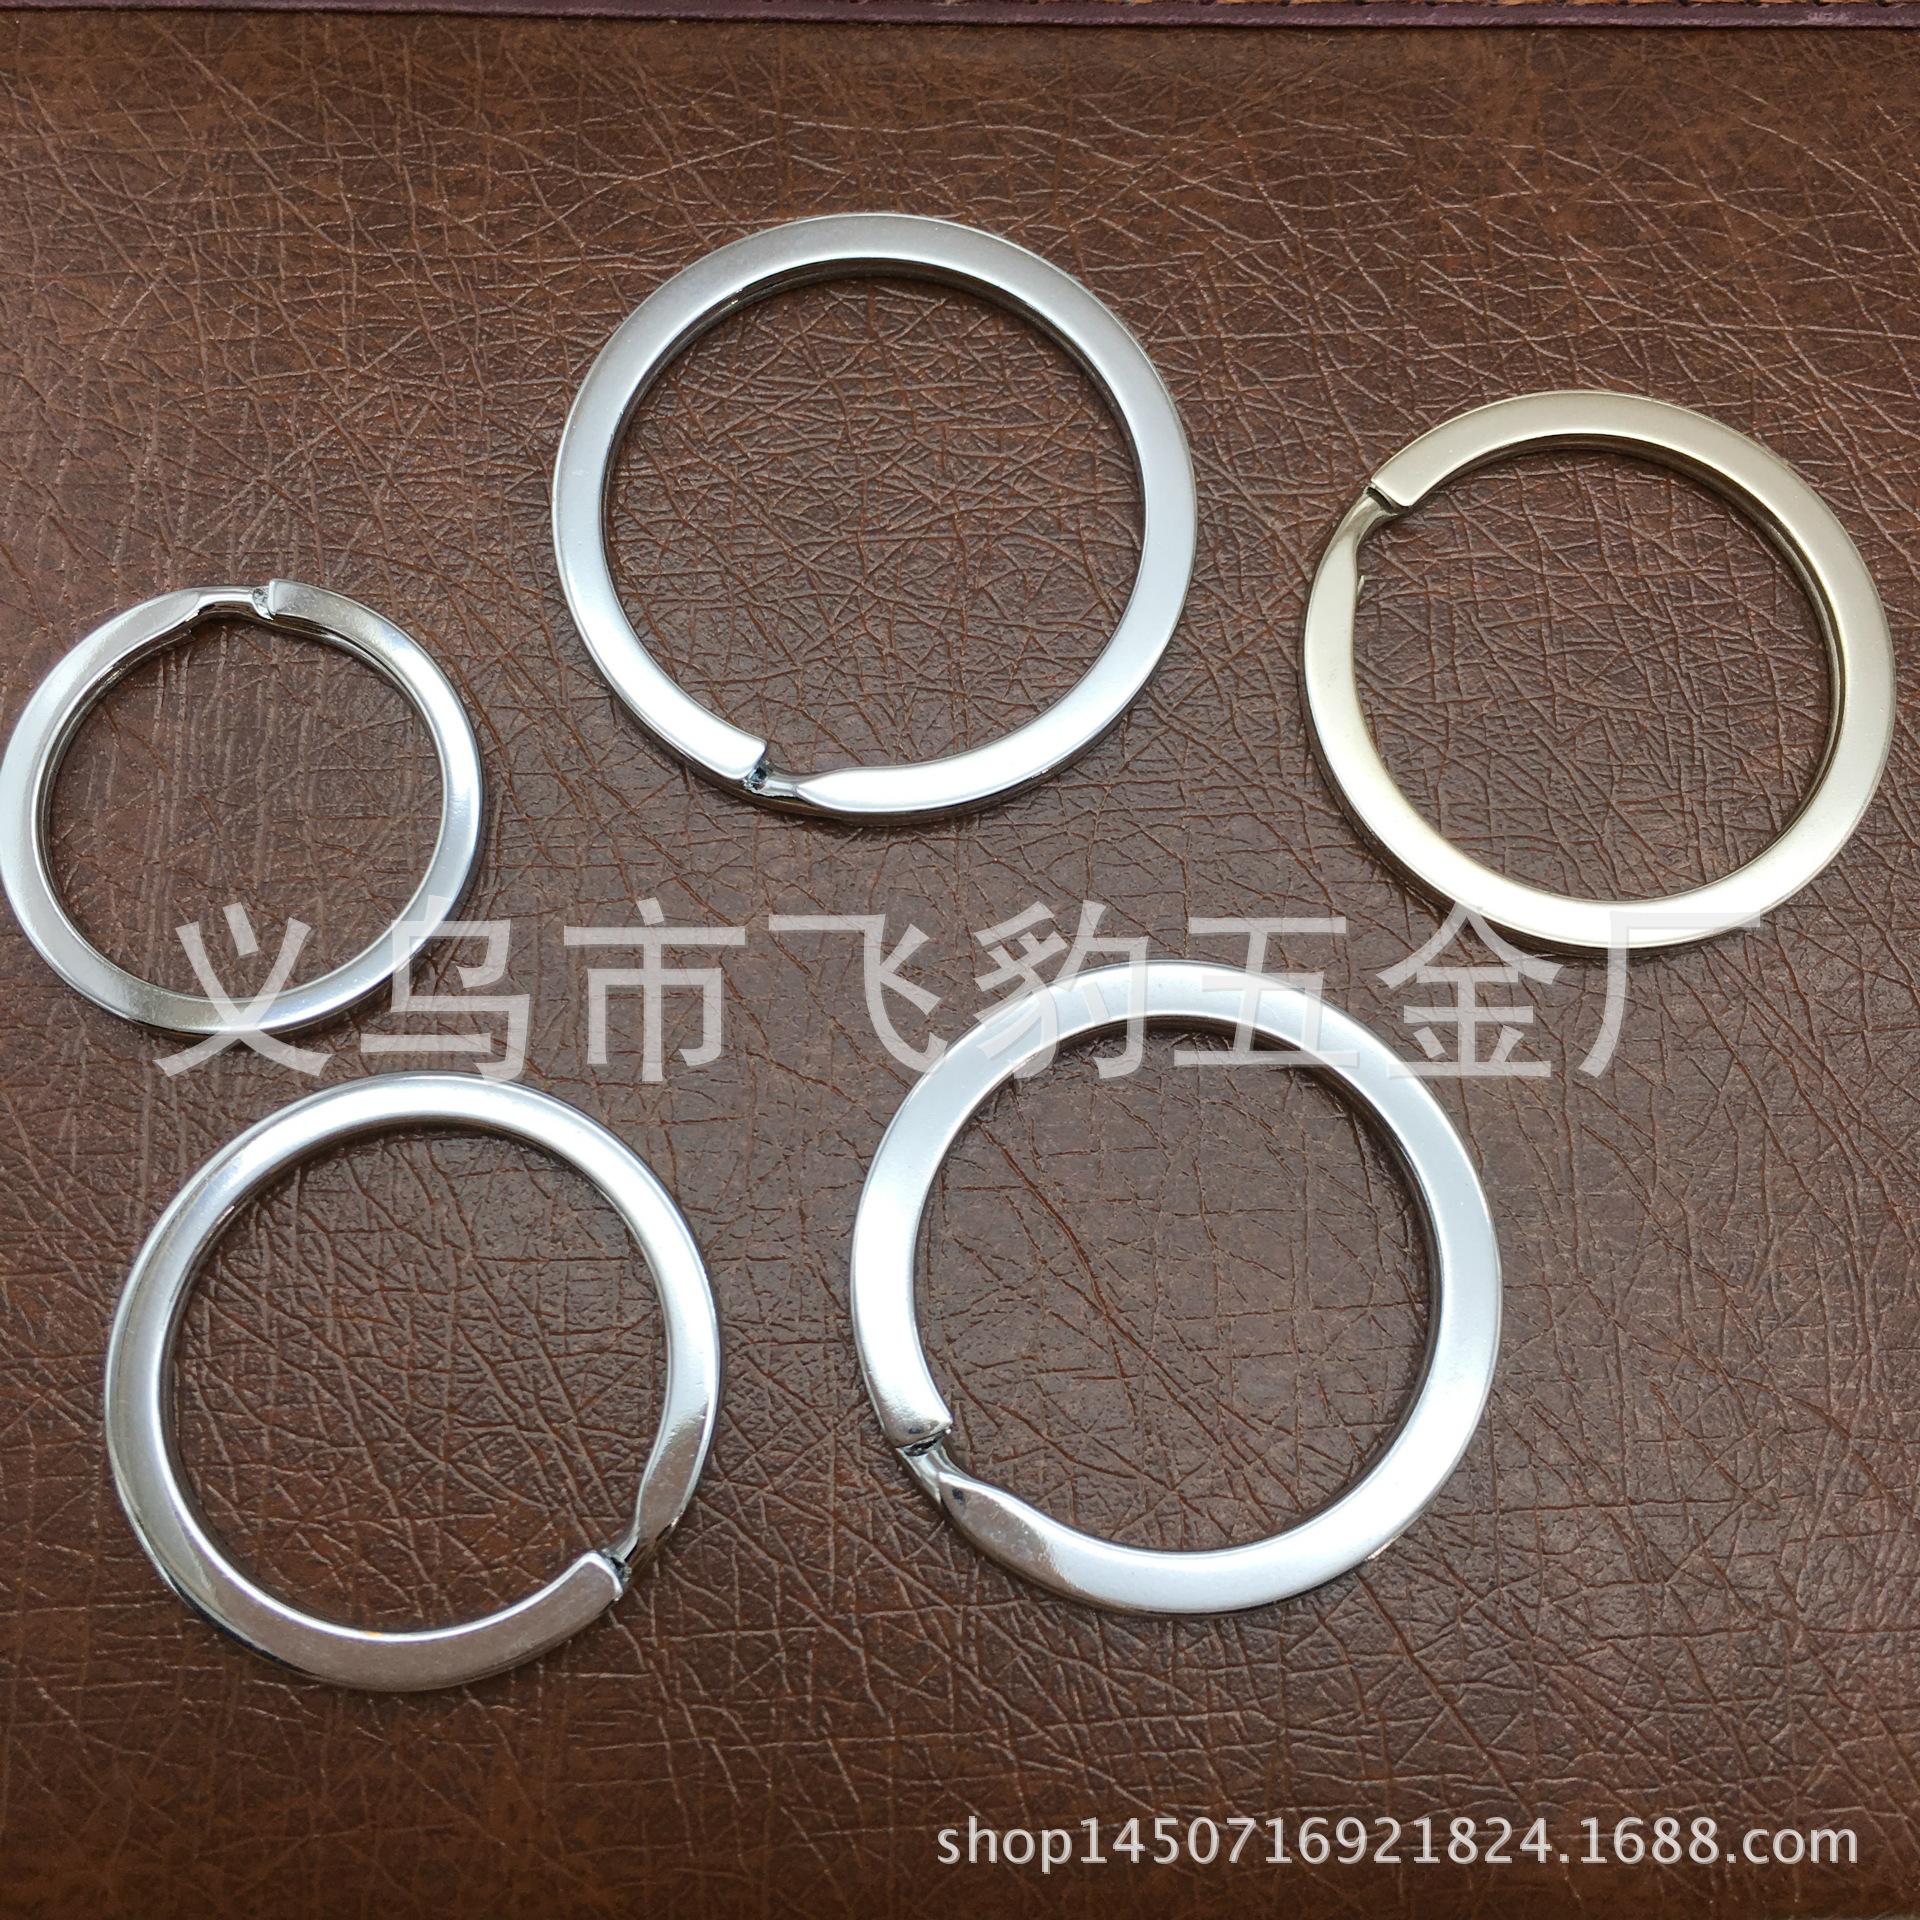 厂家供应2.0*30mm金属钥匙圈 钥匙扣挂圈 小铁环 扣圈 量大从优